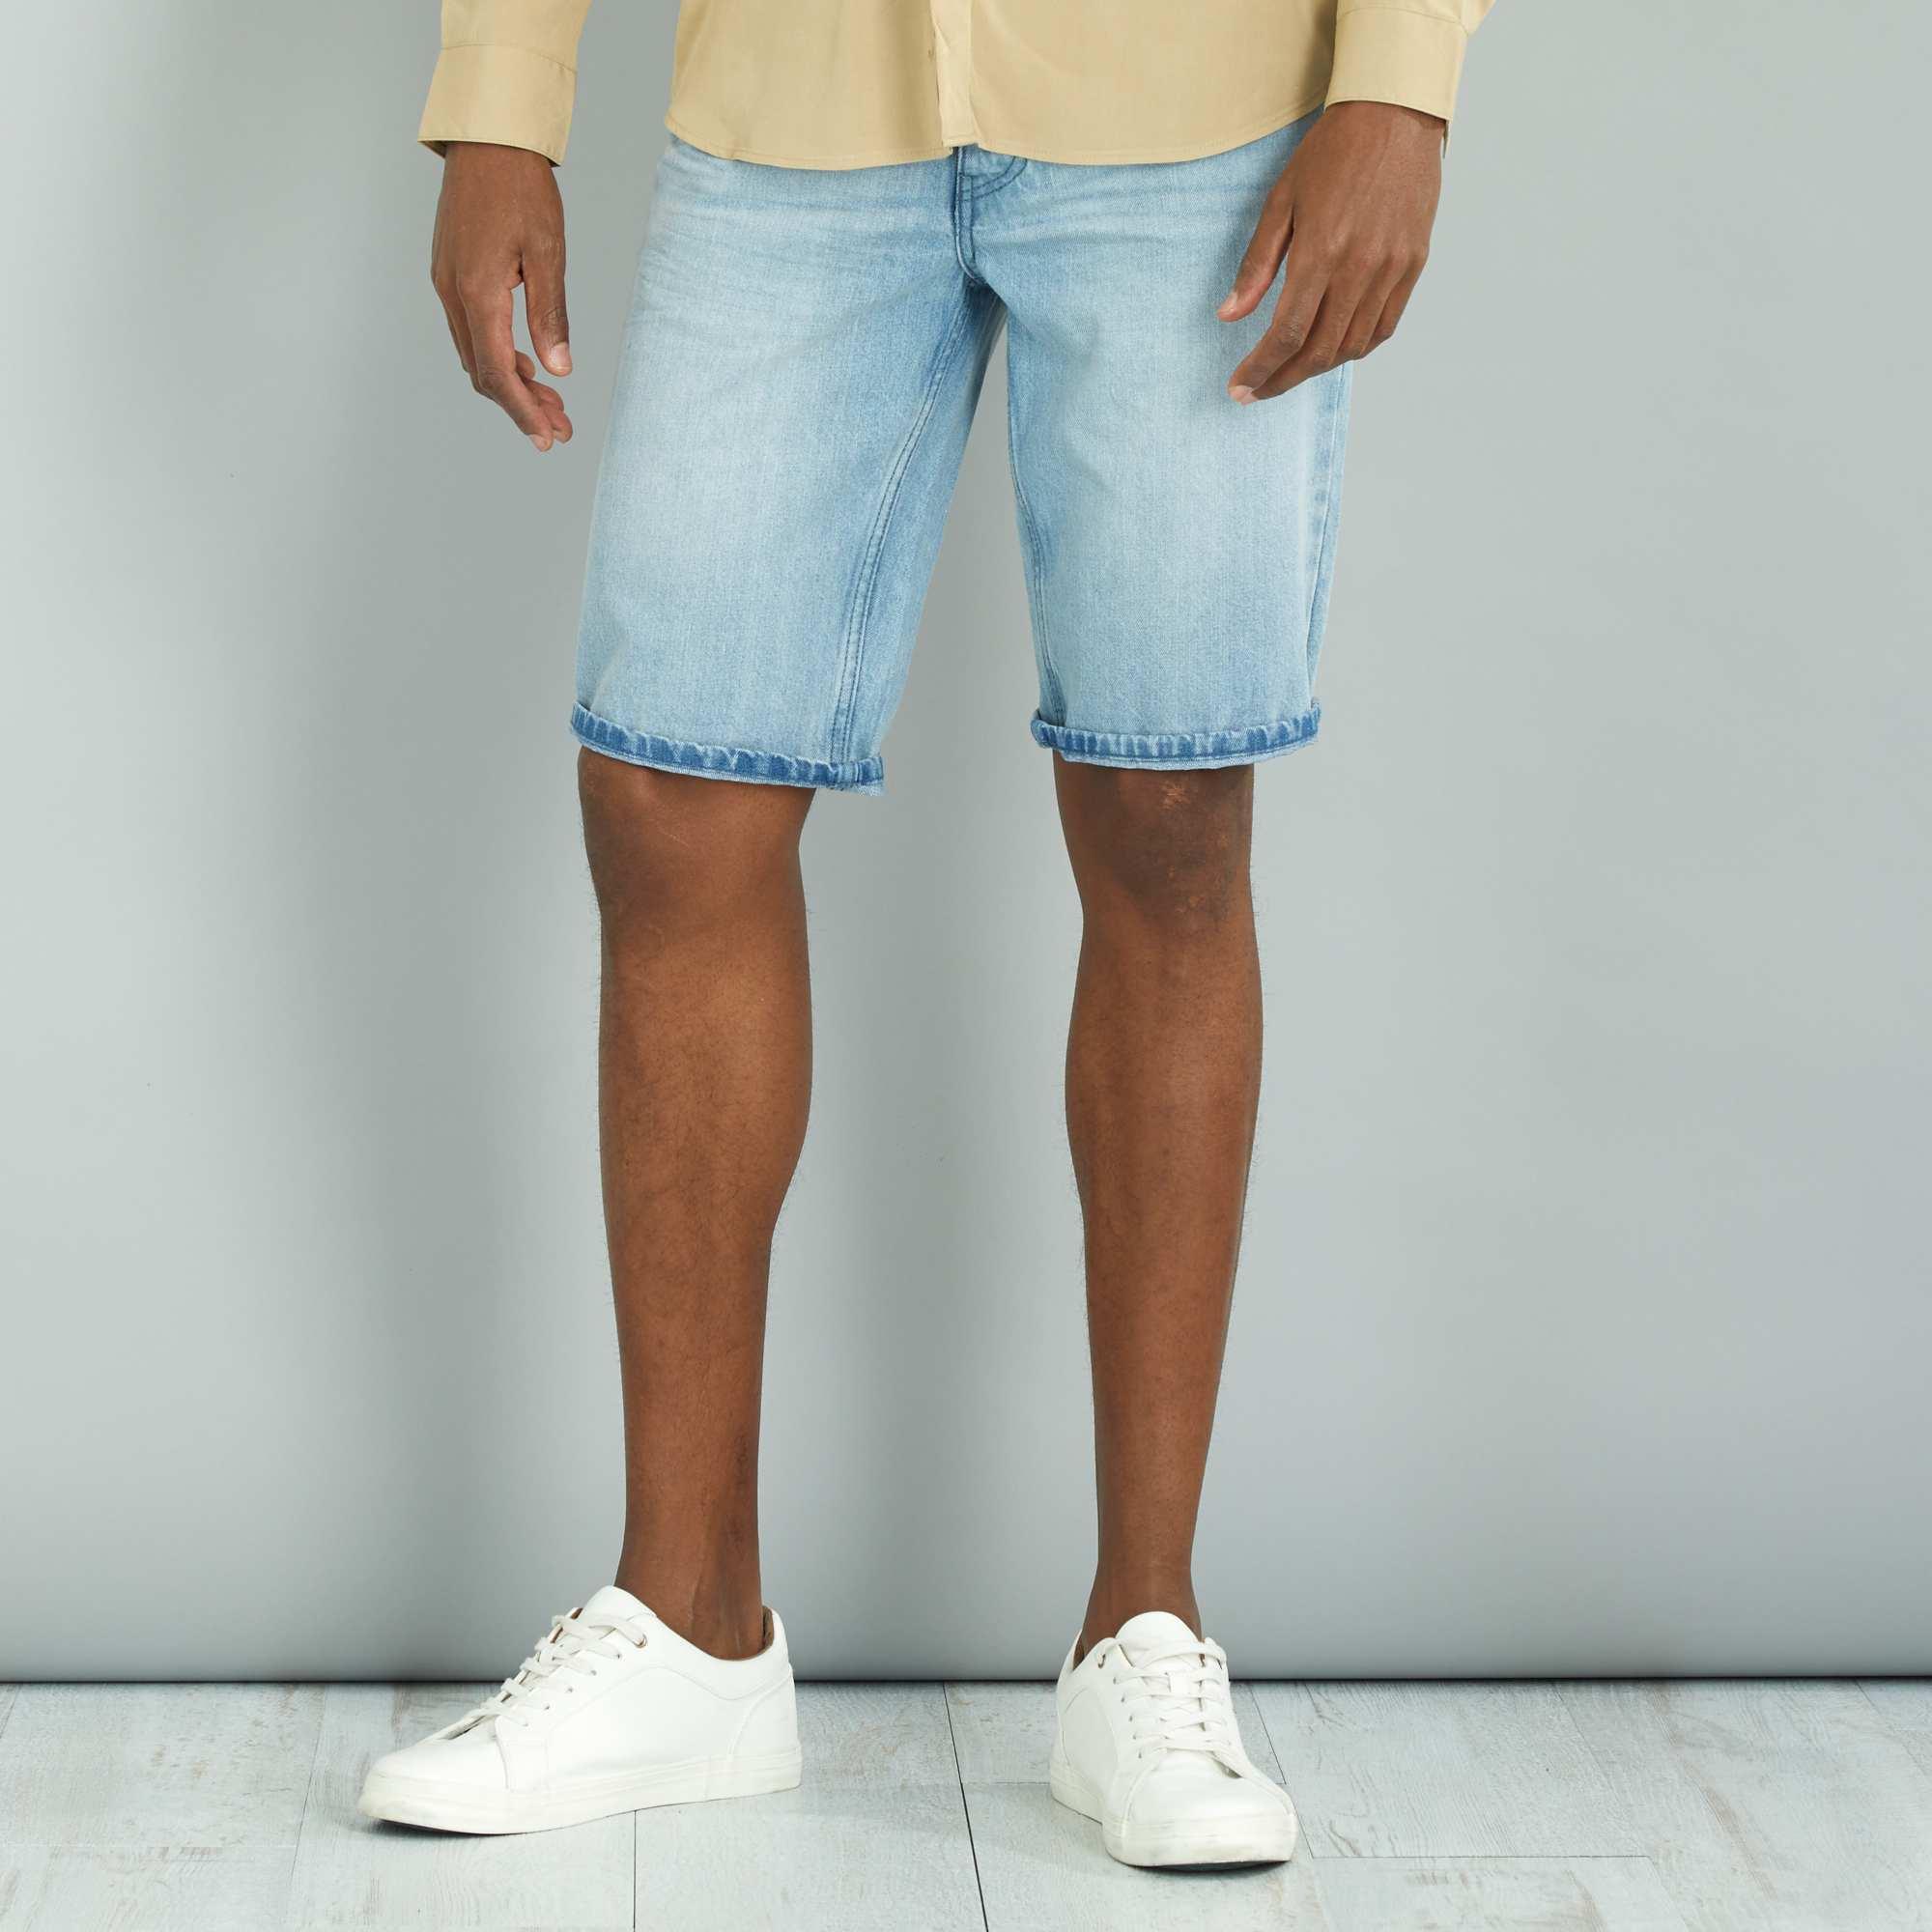 Couleur : blanc, bleached, stone,, - Taille : 44, 50, 48,40,42Un incontournable des tenues estivales ! À porter roulotté pour un maximum de style.